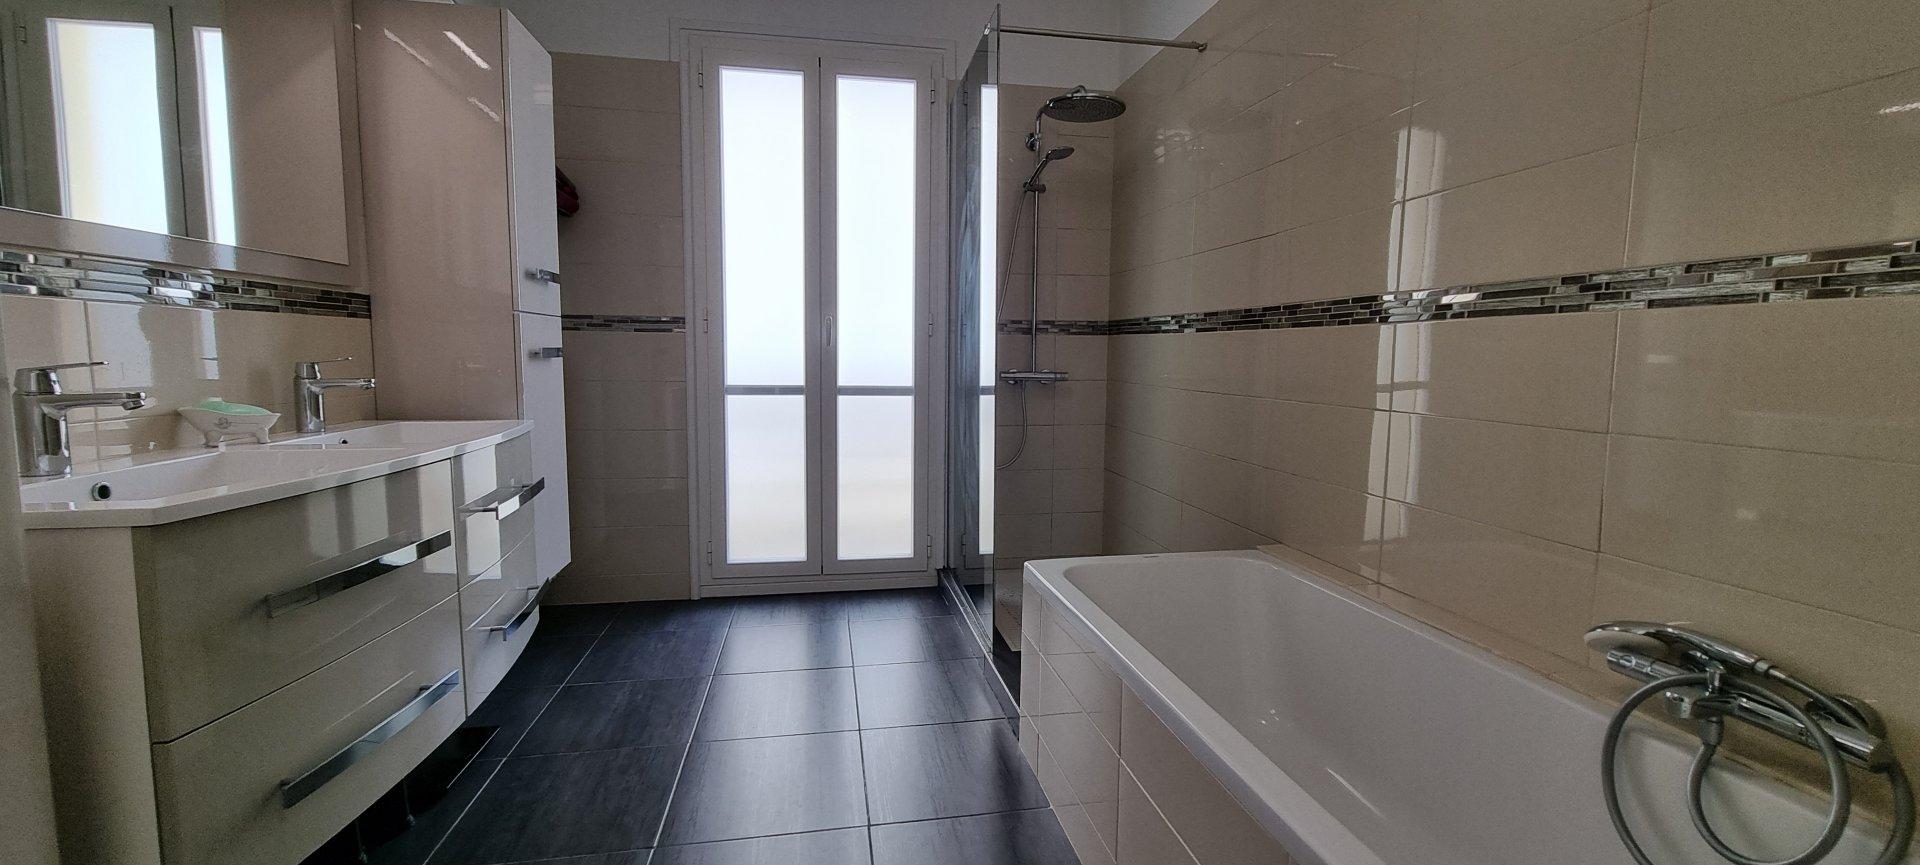 Menton centre, spacieux appartement rénové et traversant!